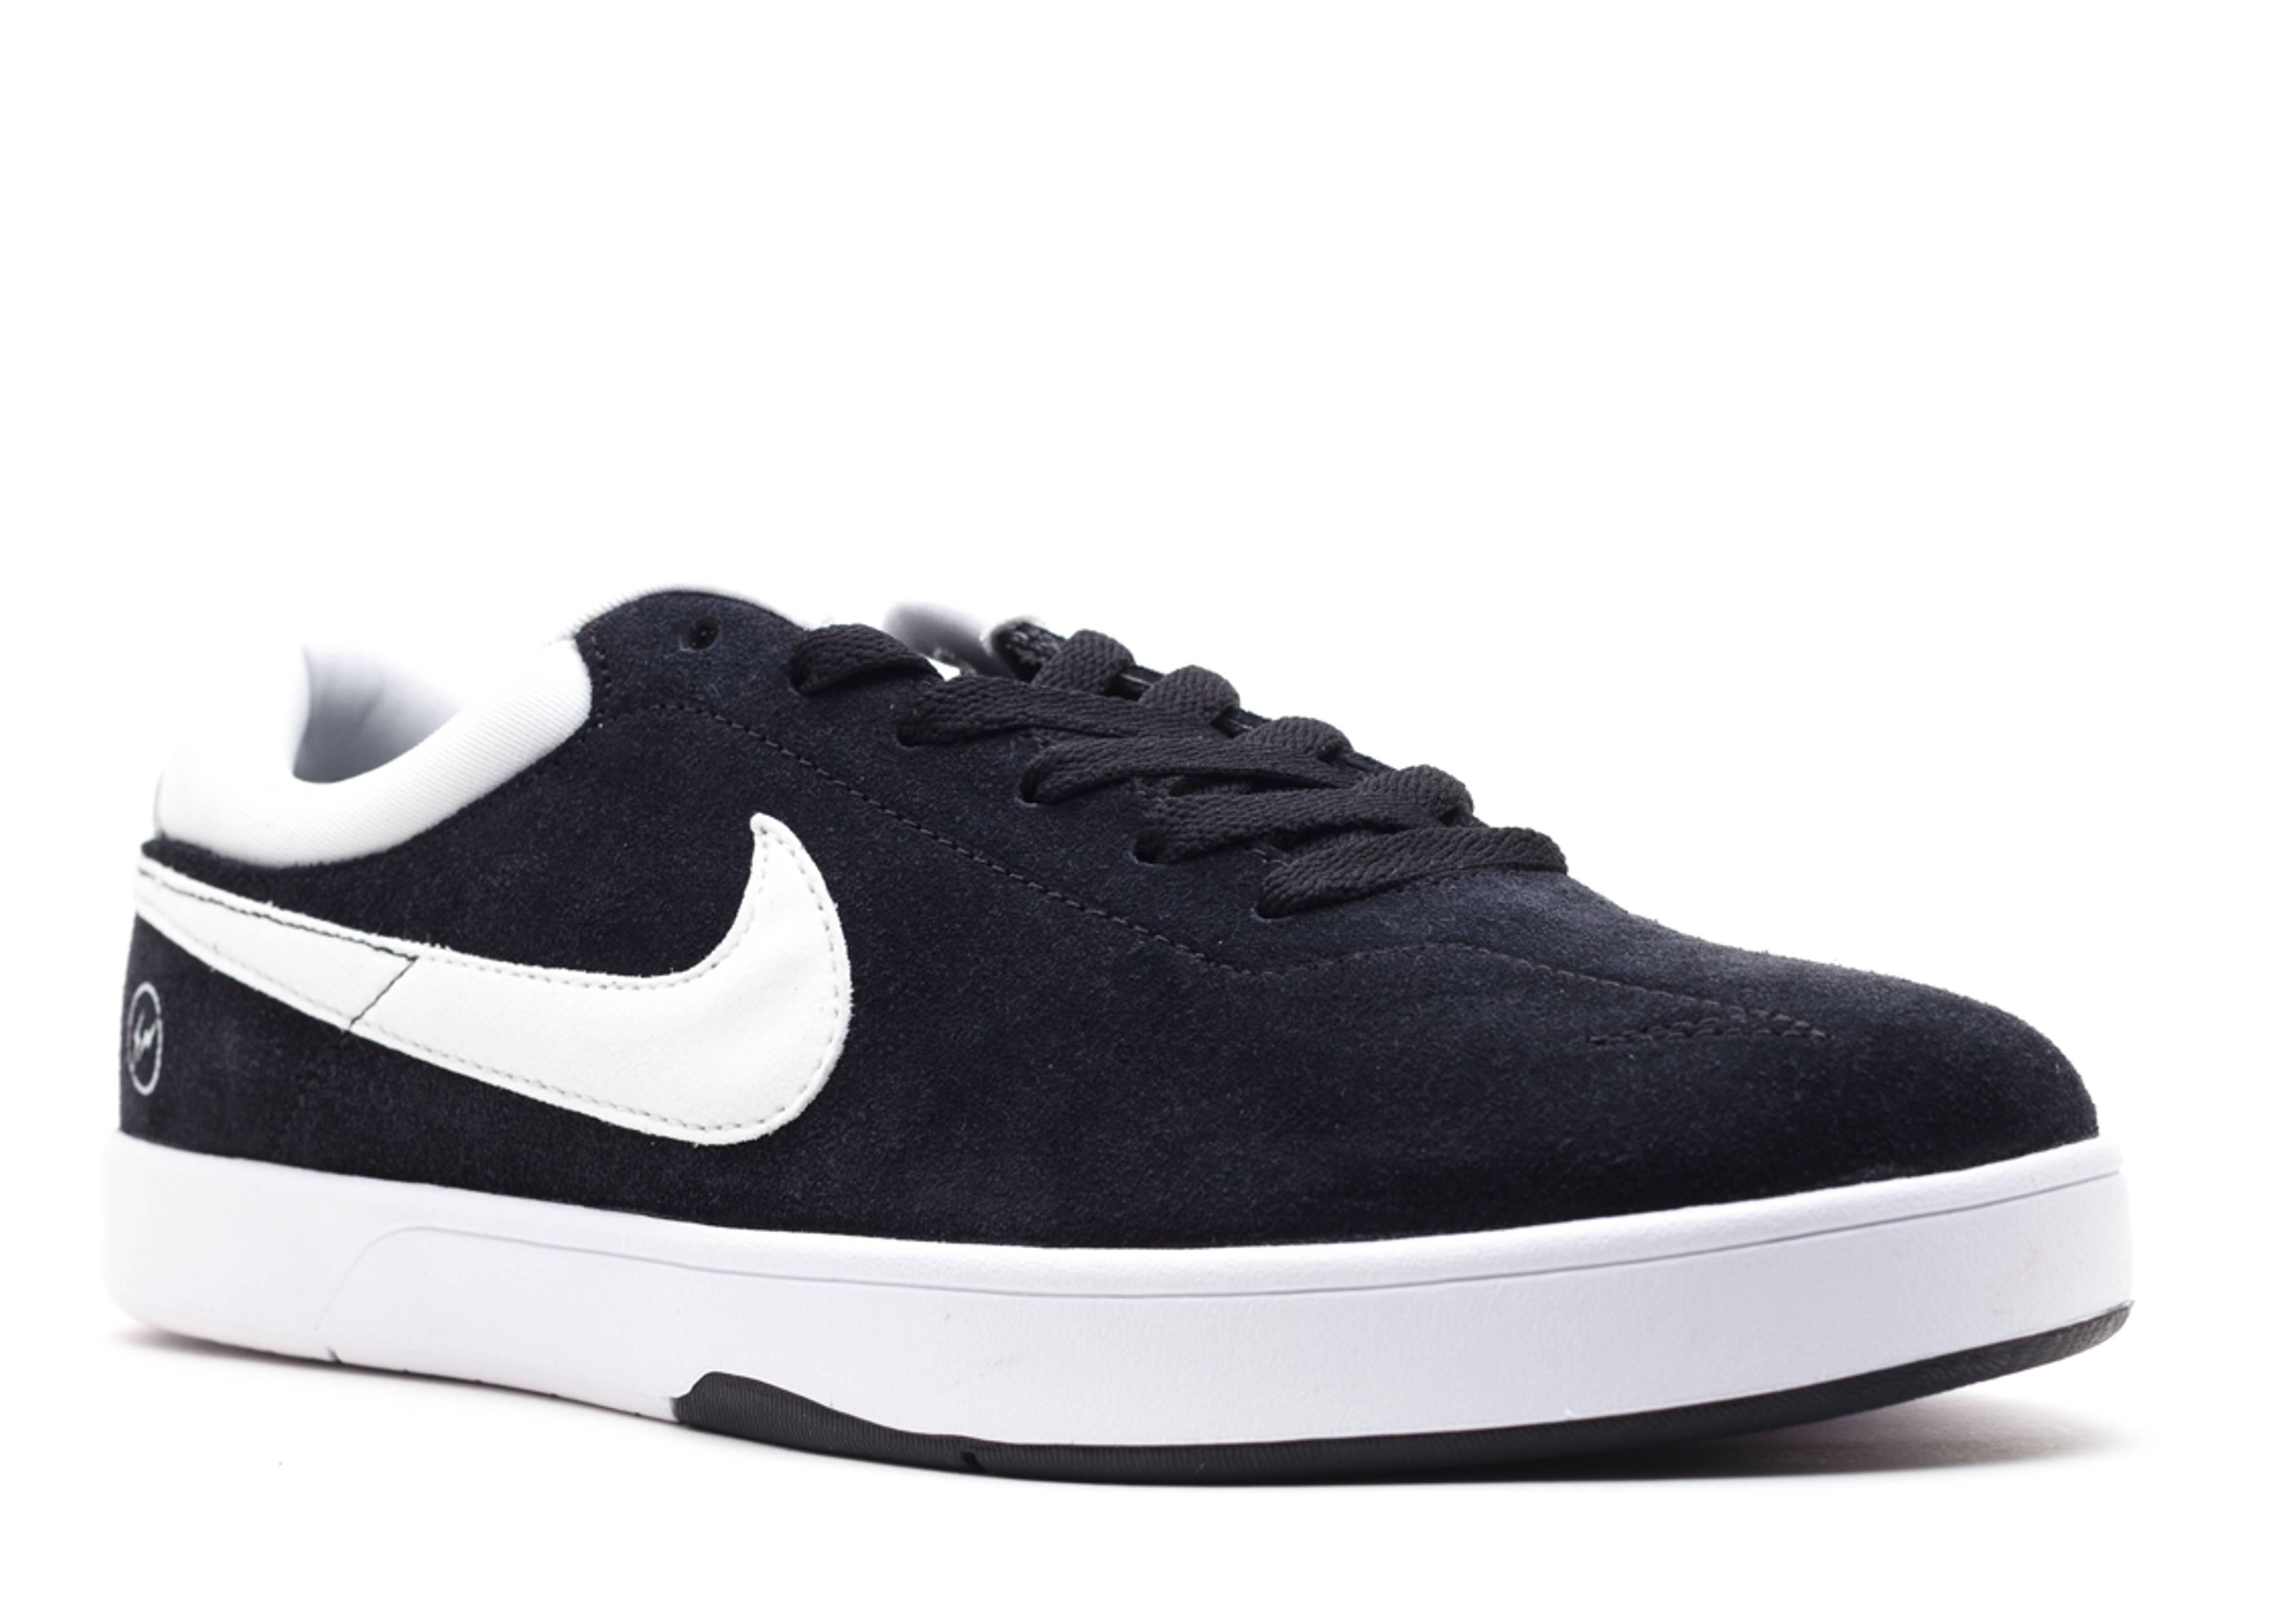 Eric Koston Nike Shoes Price